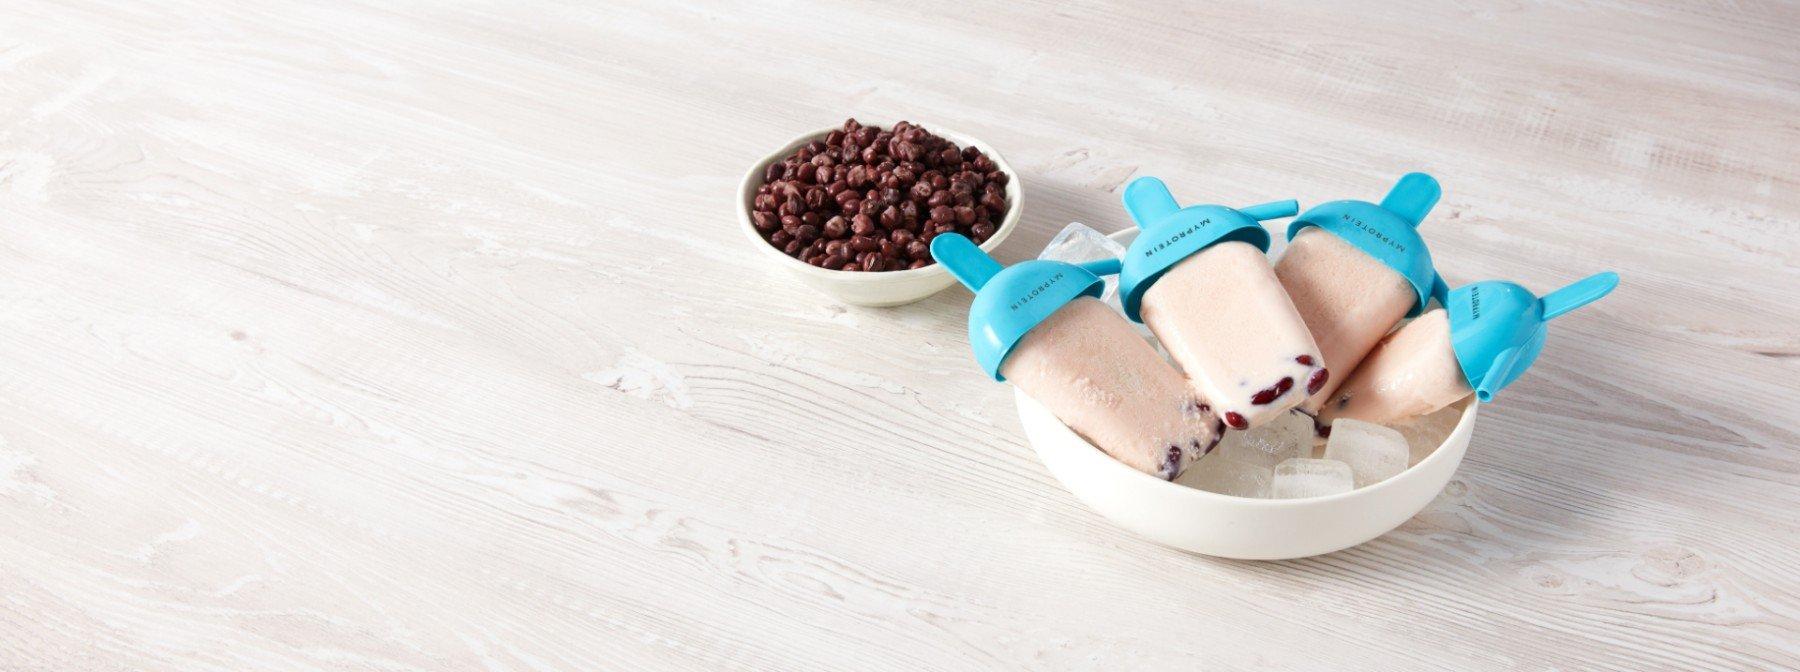 高蛋白紅豆牛奶冰棒 | 食譜